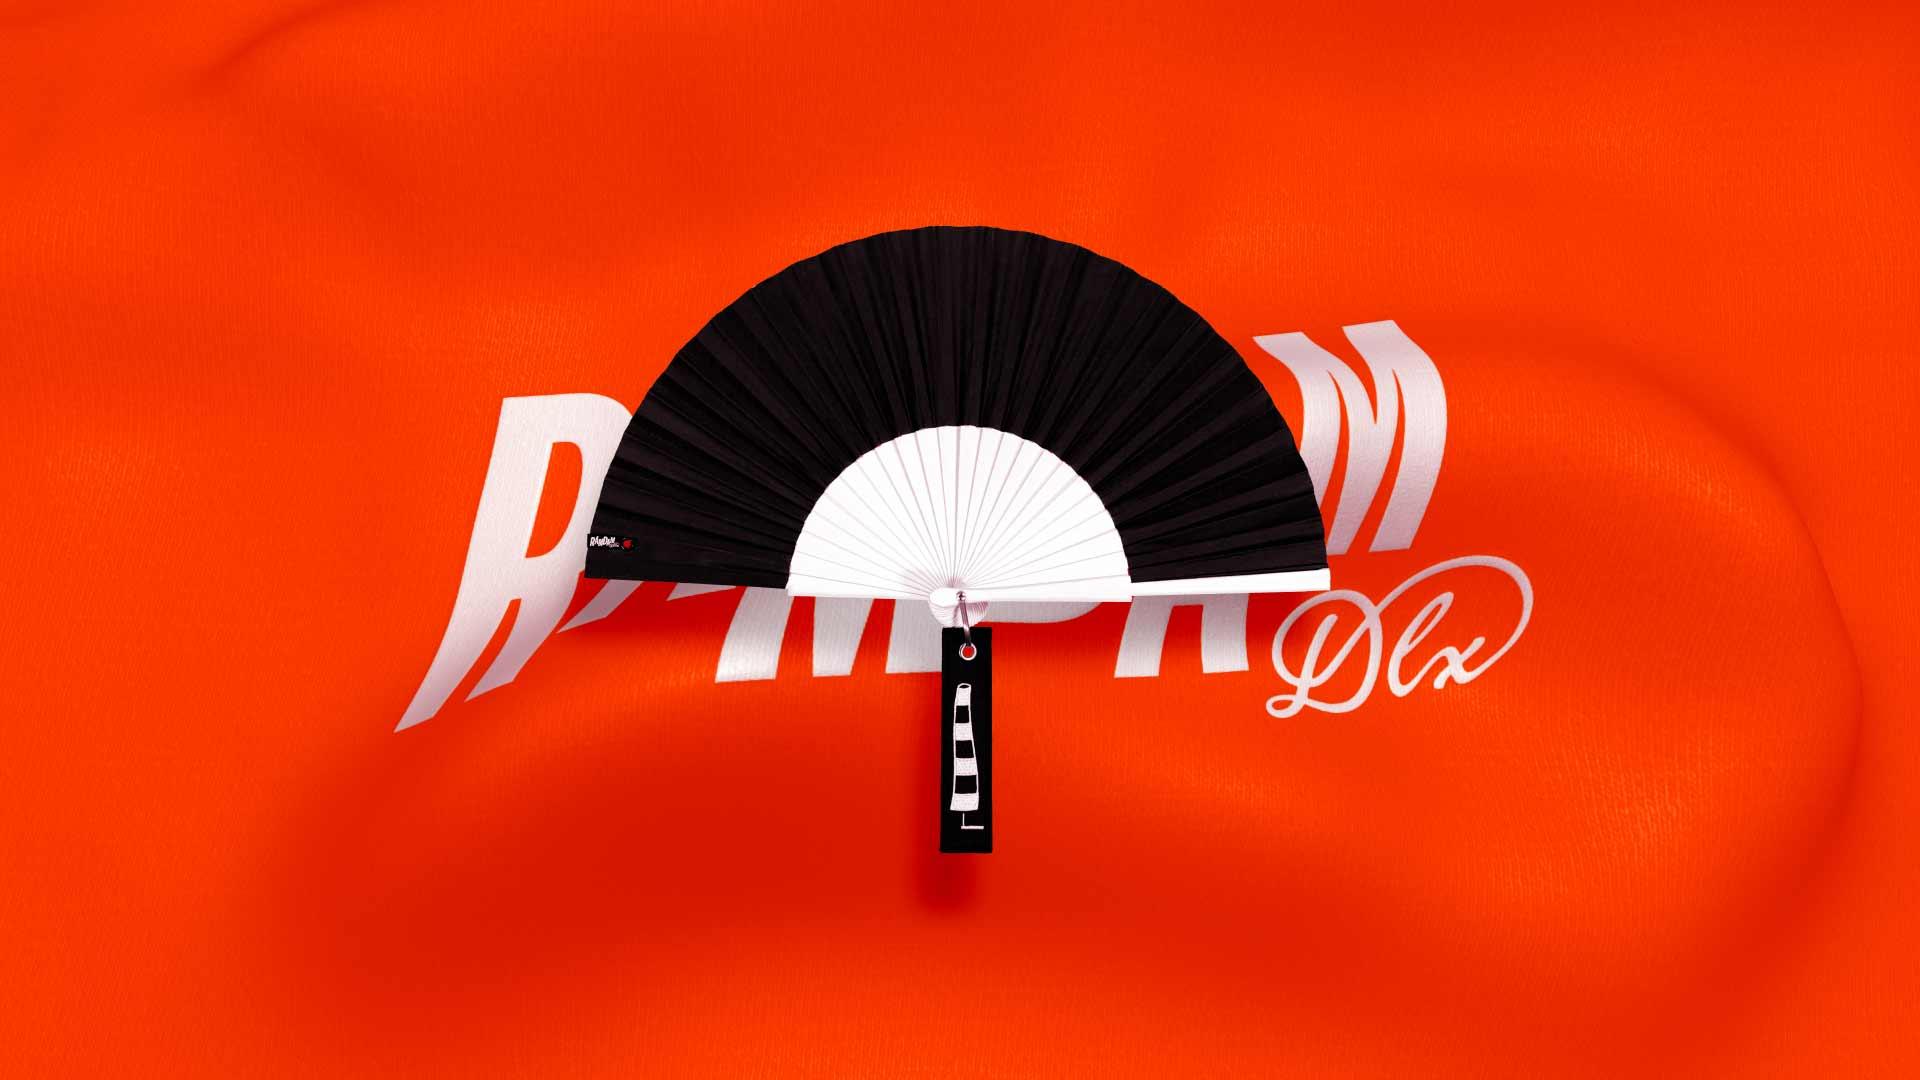 Éventail Blow noir sur fond orange animé avec logo Ramdam Dlx